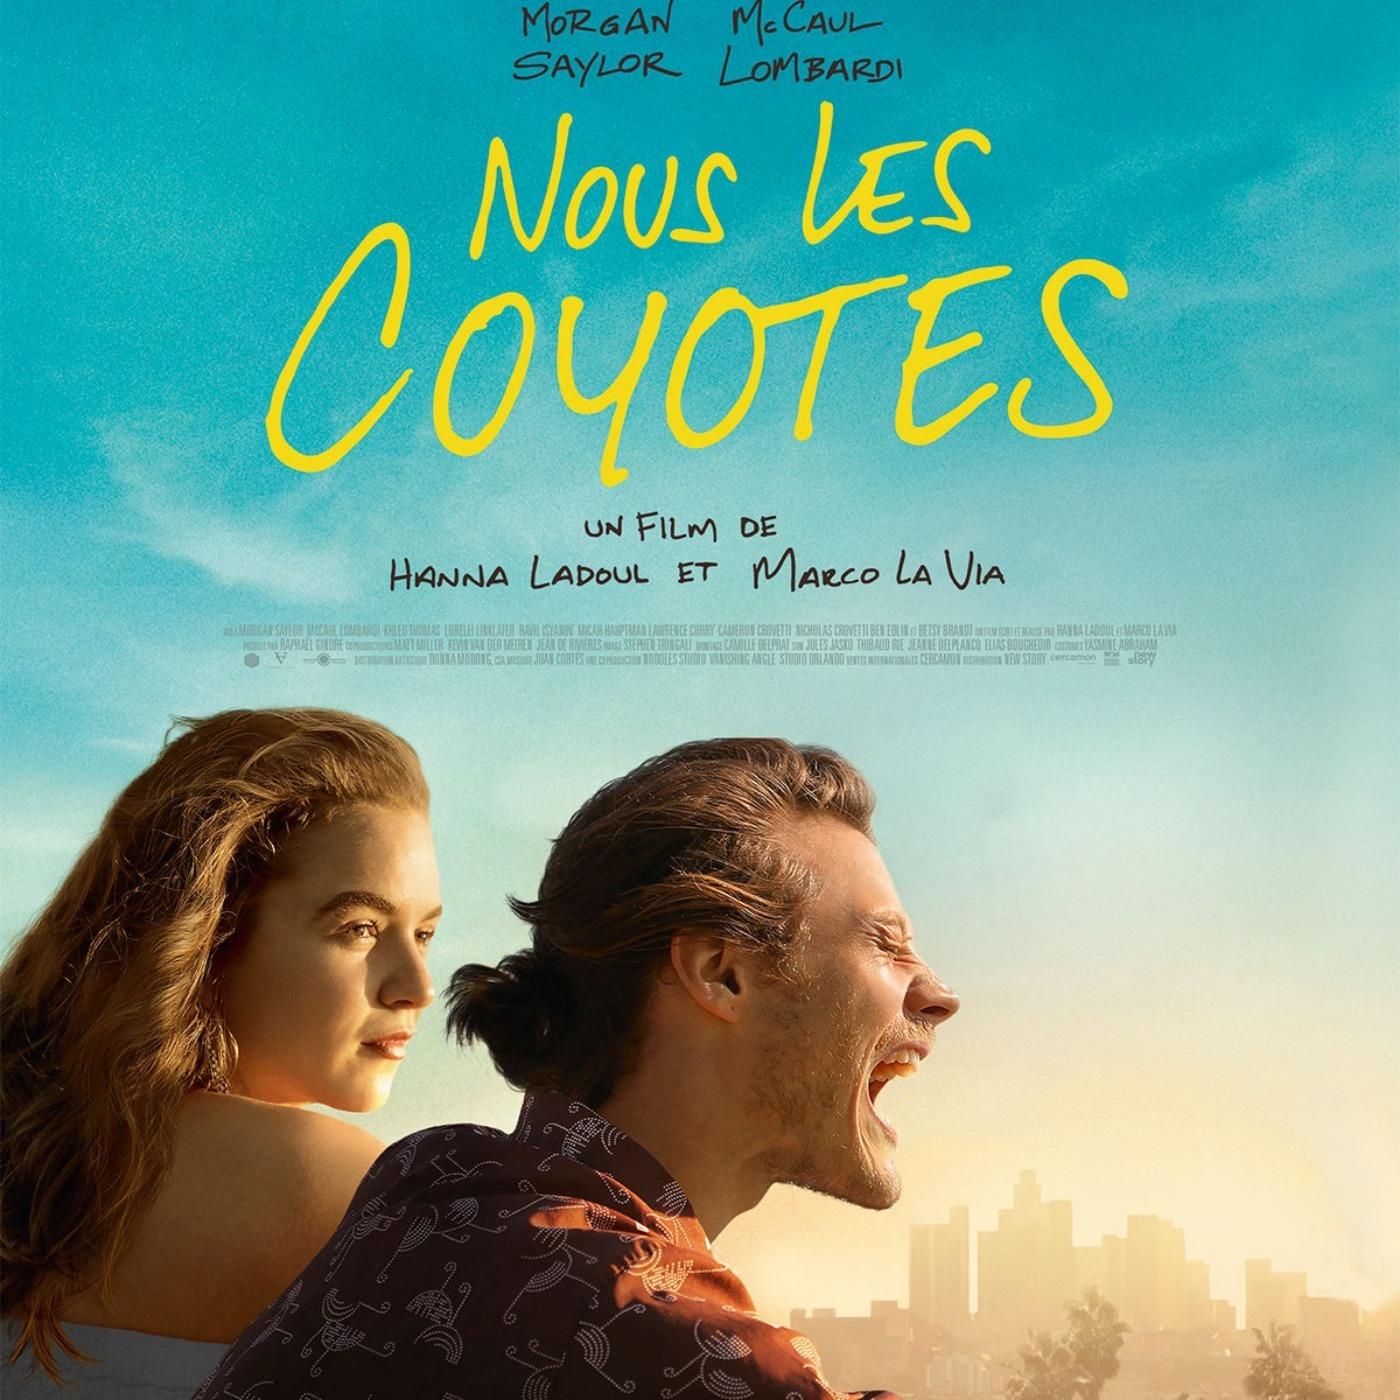 Ciné Parler #29 | Critique du film NOUS LES COYOTES